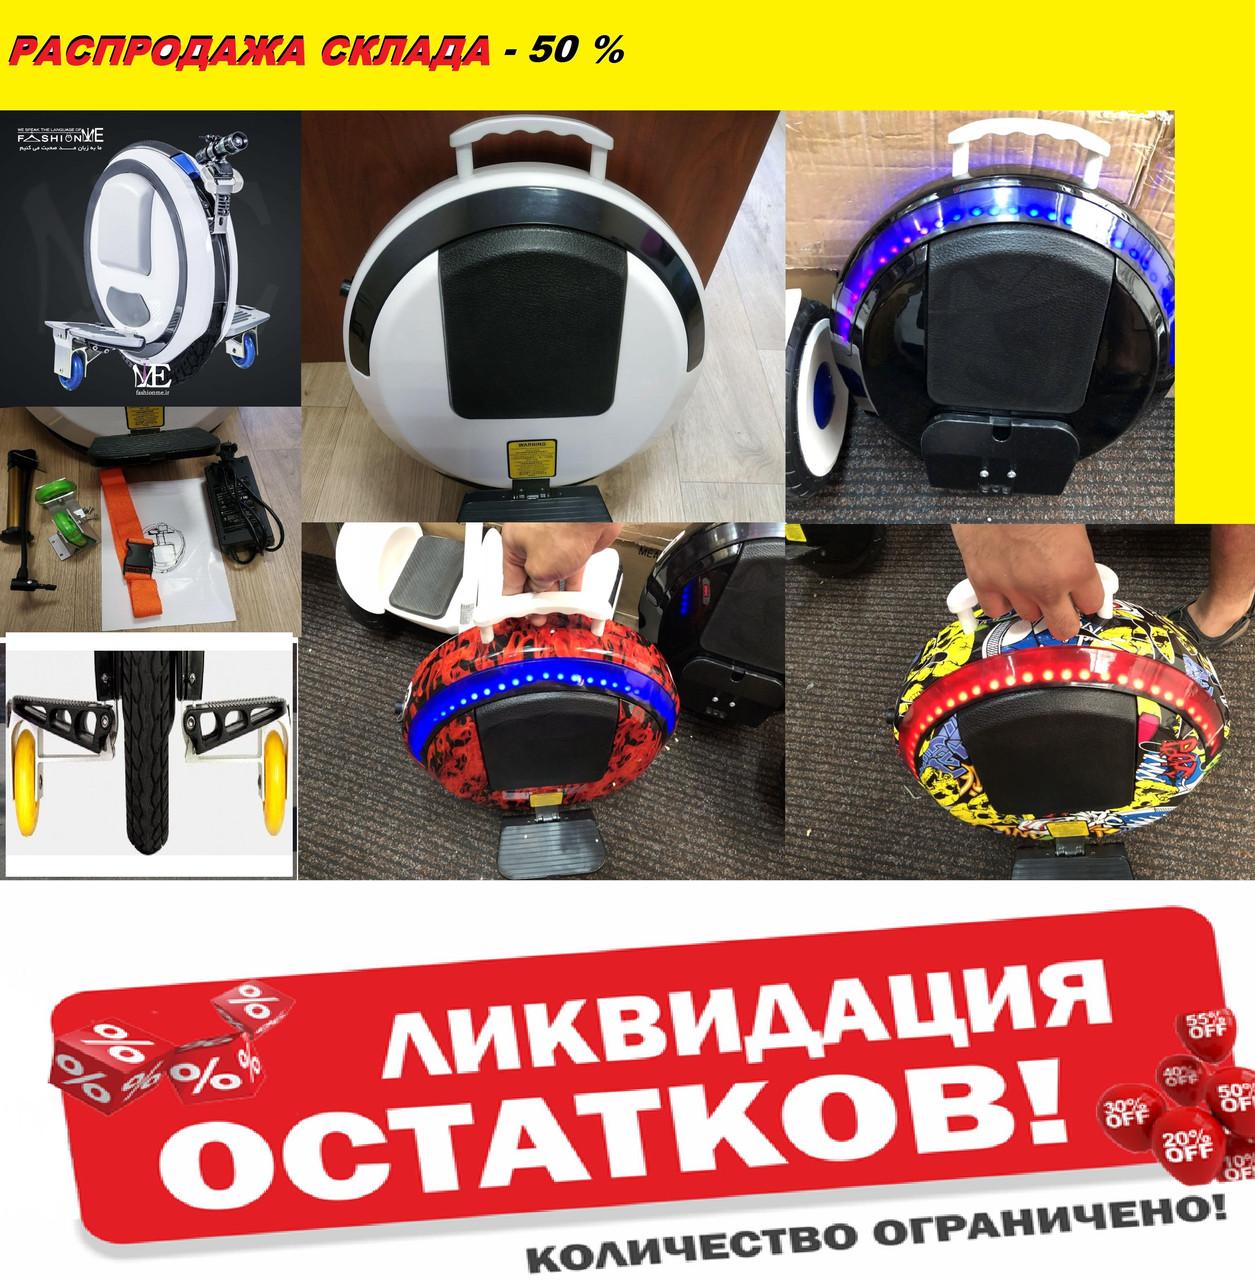 """Моноколесо 14""""  Segway one E+ с вспомогательными колесами, подсветкой. Моноцикл сигвей, гироскутер, гироборд."""